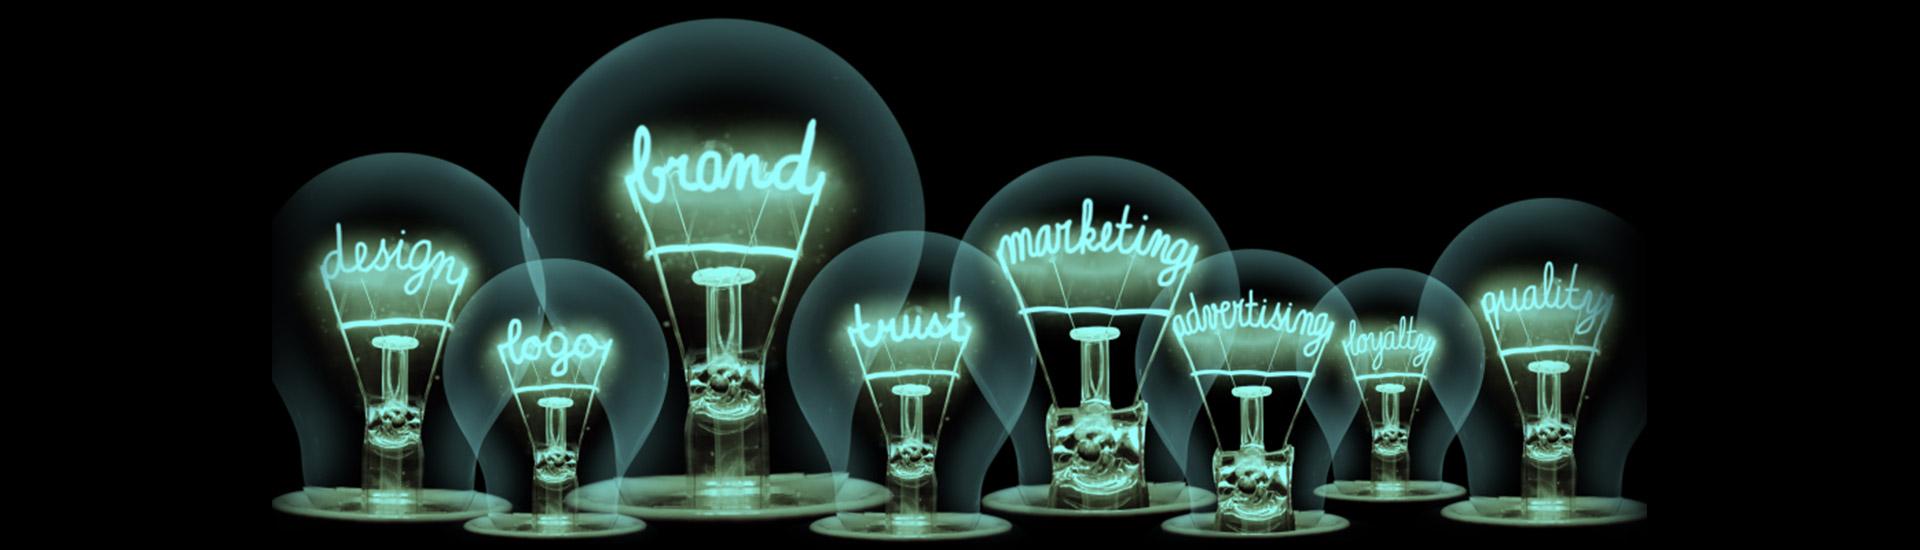 Τι είναι το Branding και οι Προϋποθέσεις Αποτελεσματικού Σχεδιασμού του